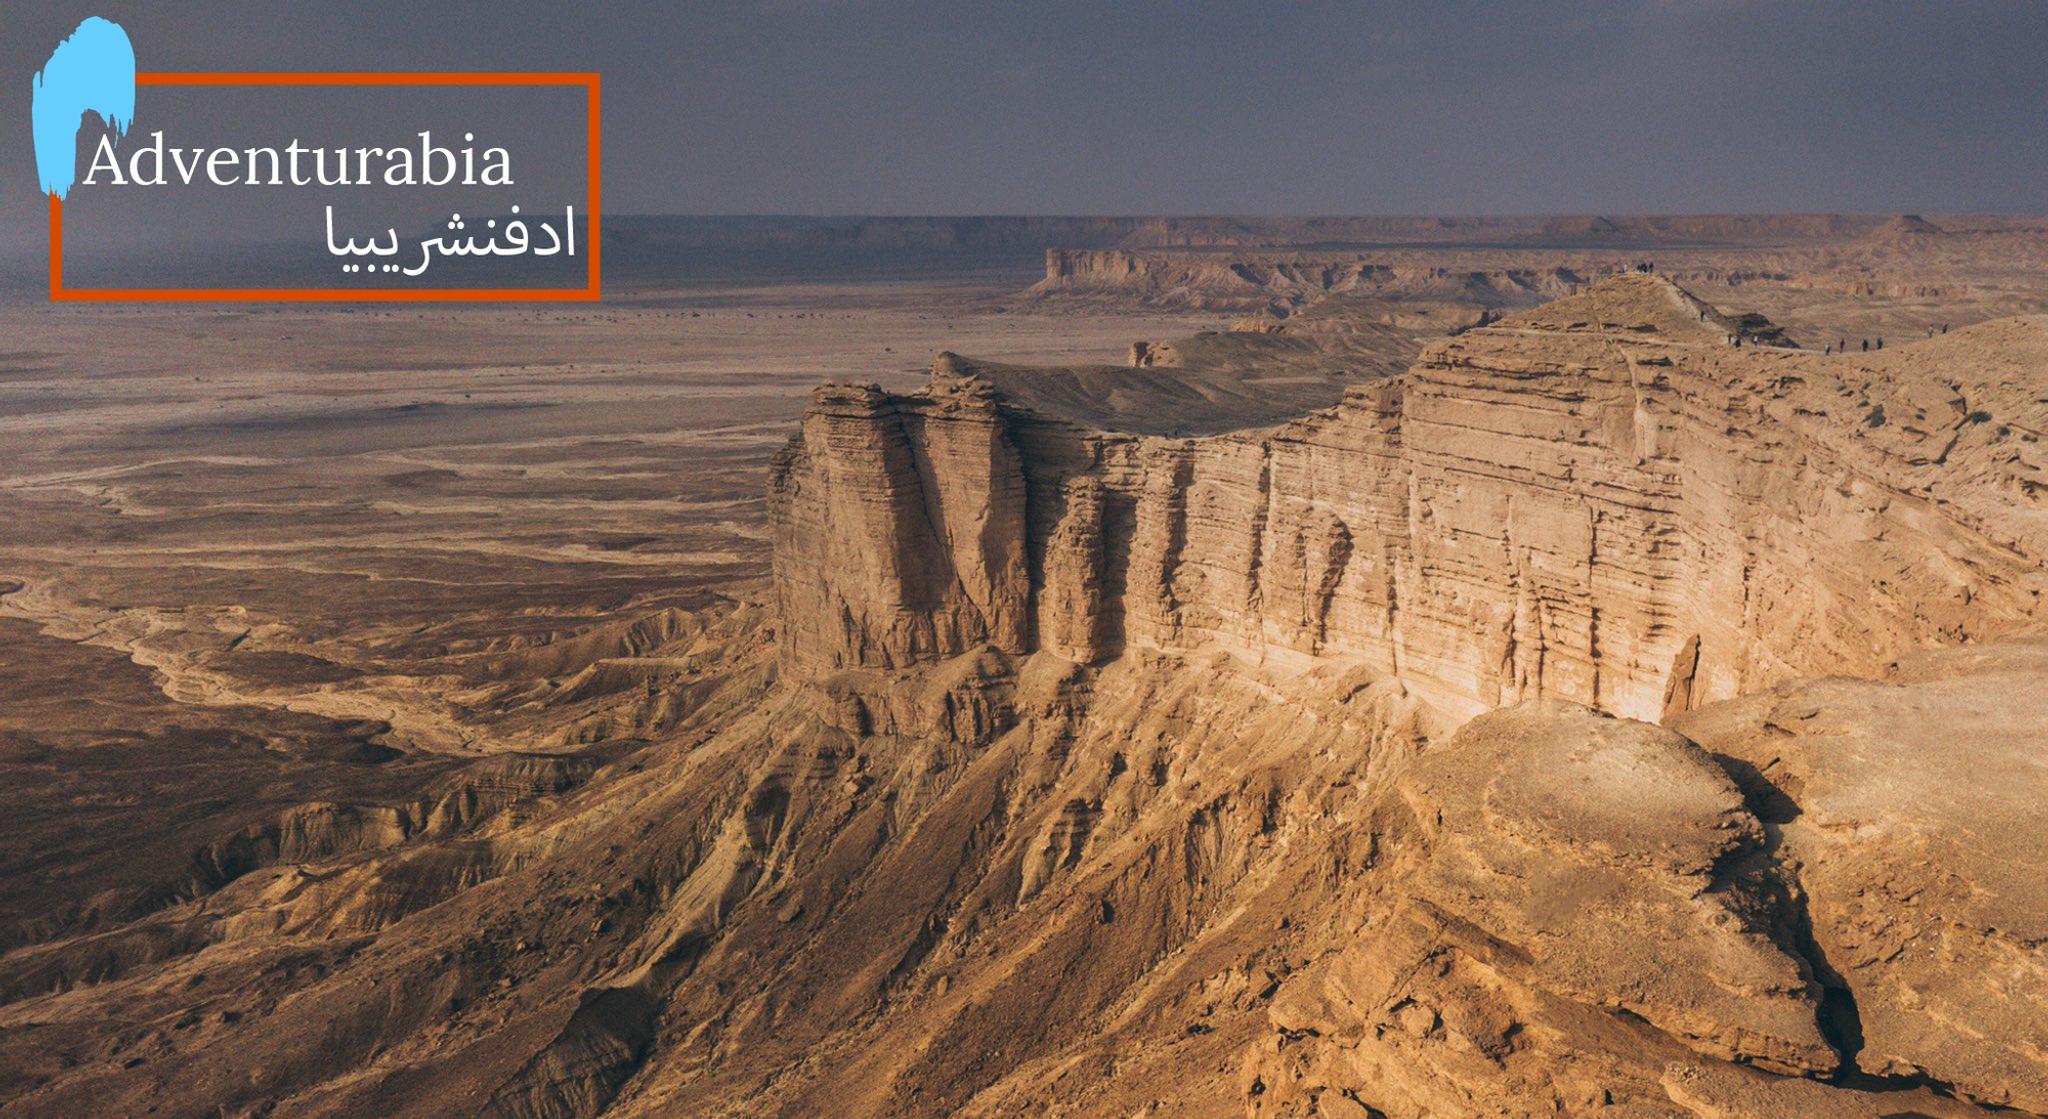 جبل فهرين جبل حافة العالم Natural Landmarks Landmarks Grand Canyon